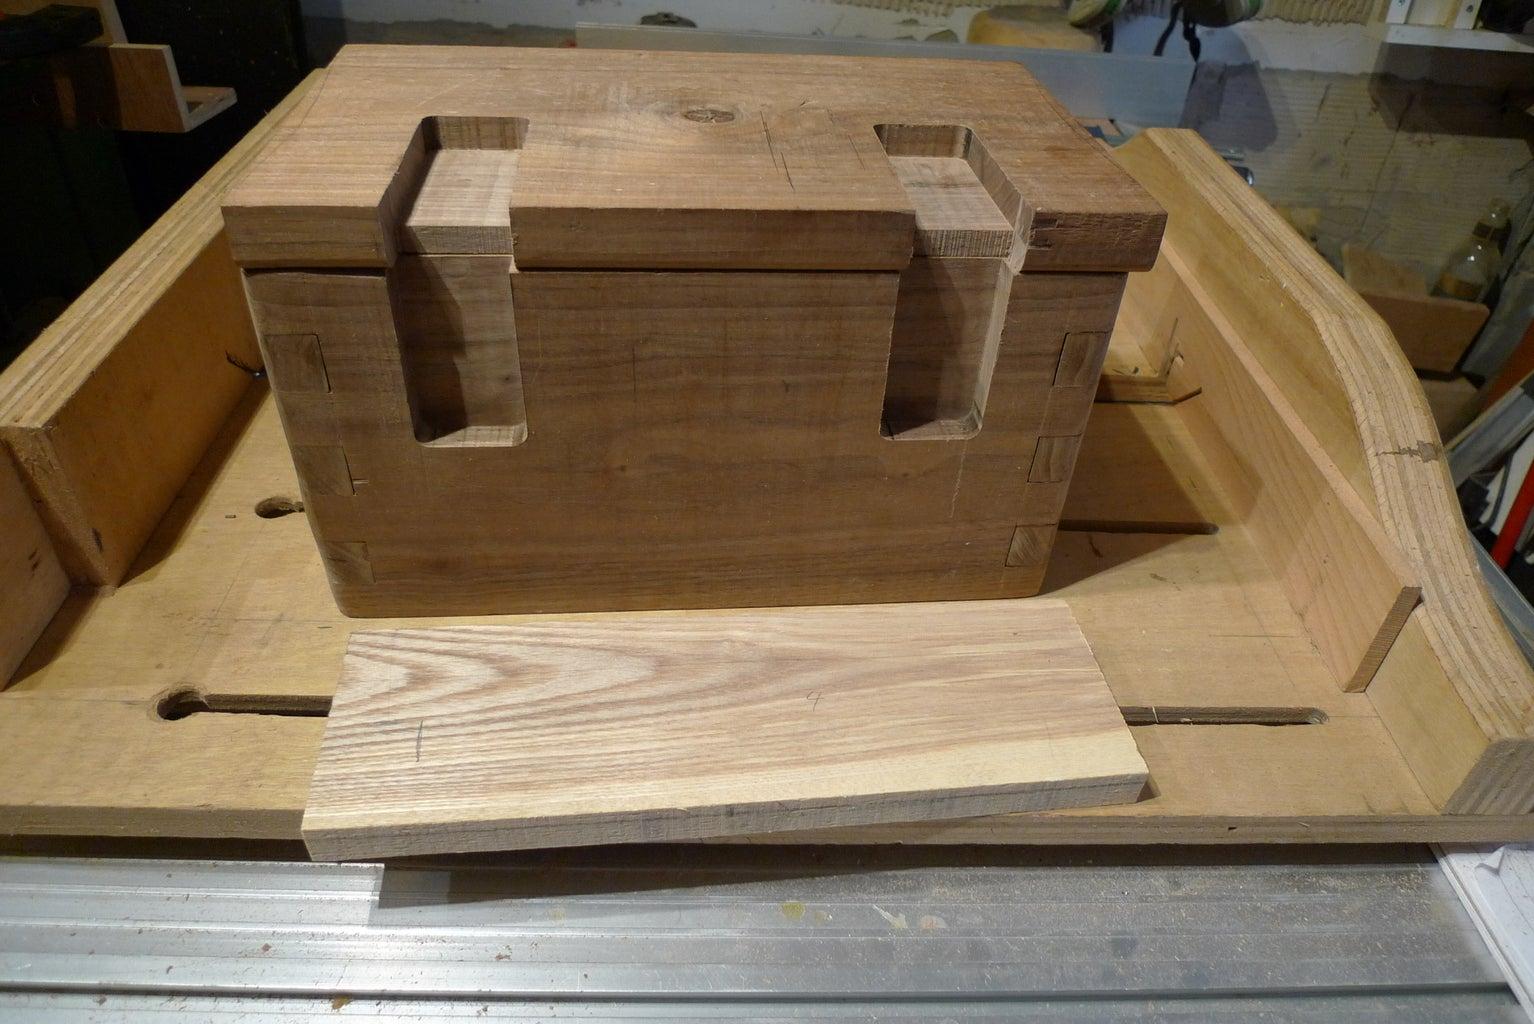 Making Wooden Hinge